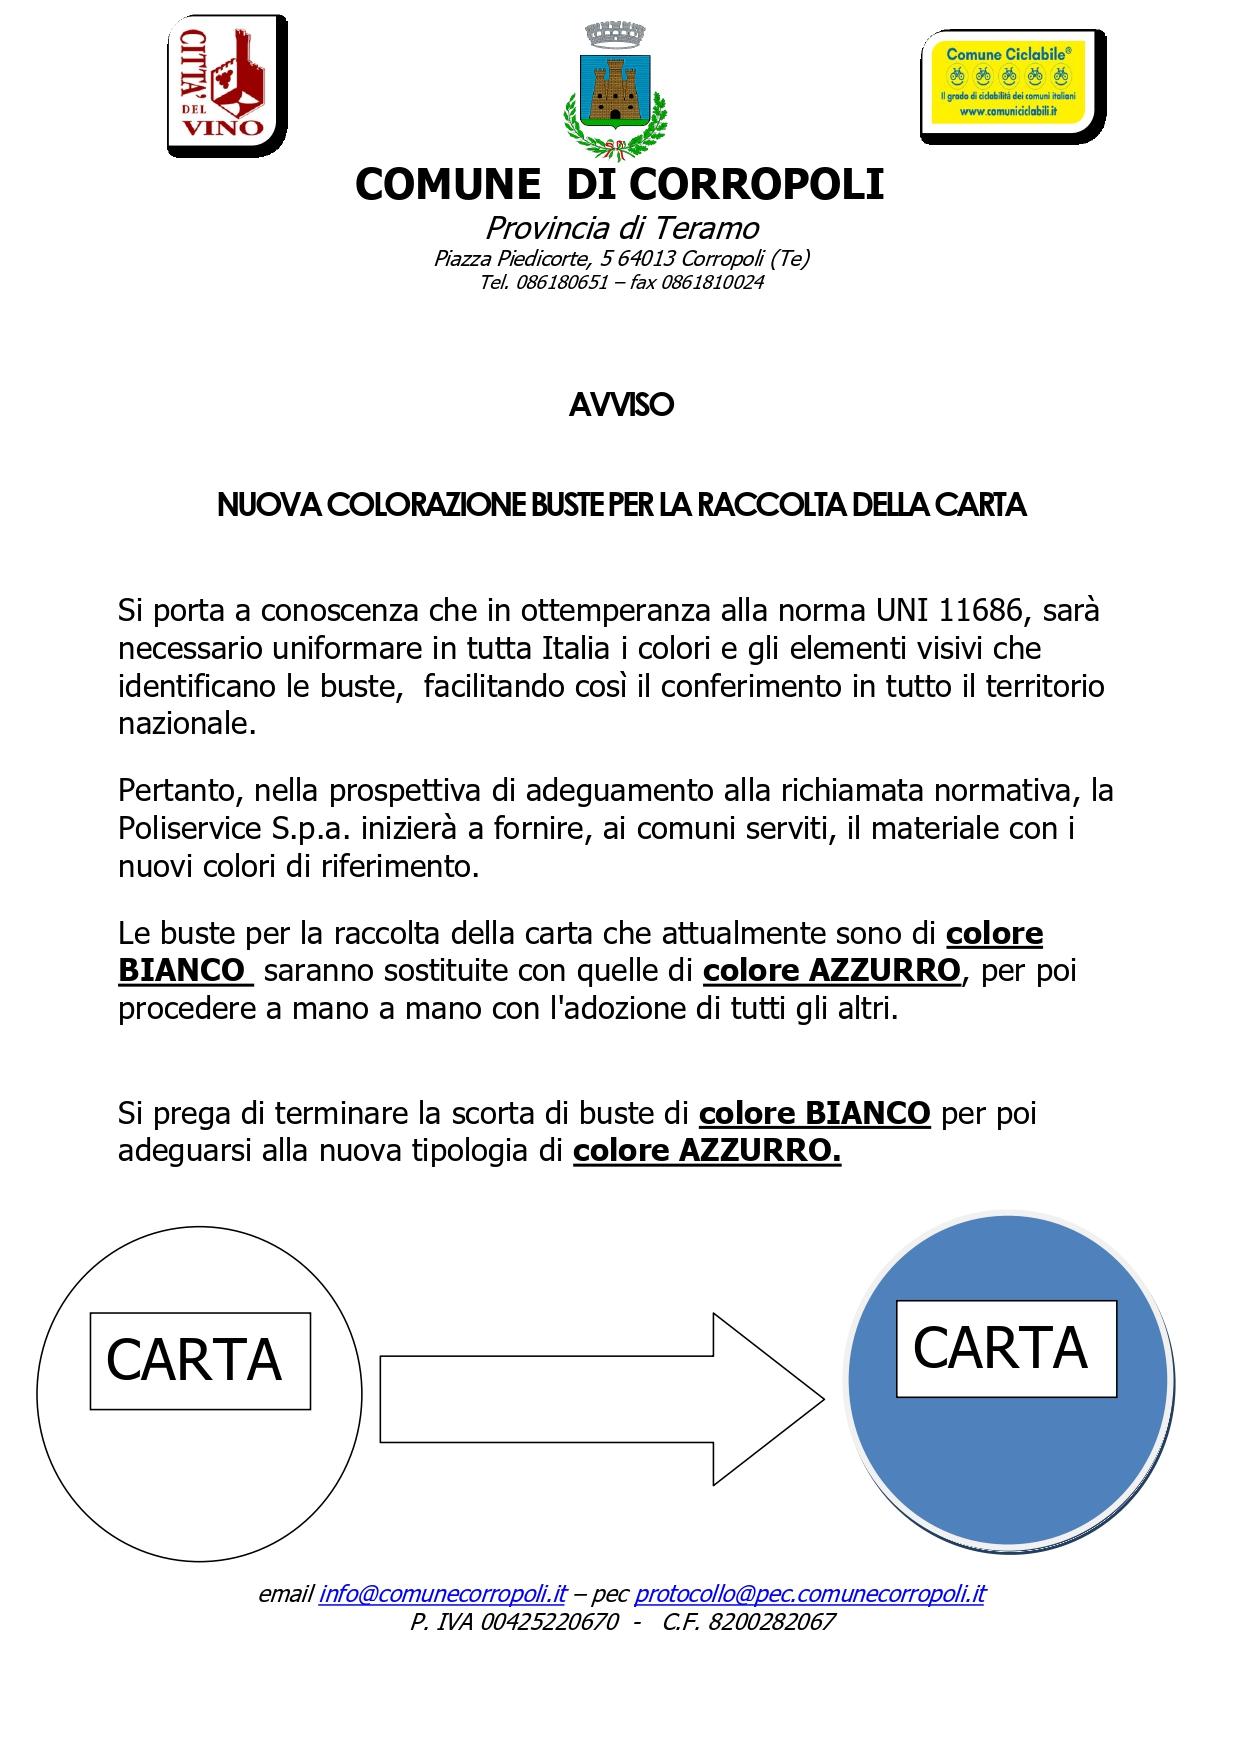 AVVISO ALLA CITTADINANZA - Consegna Buste Raccolta Differenziata